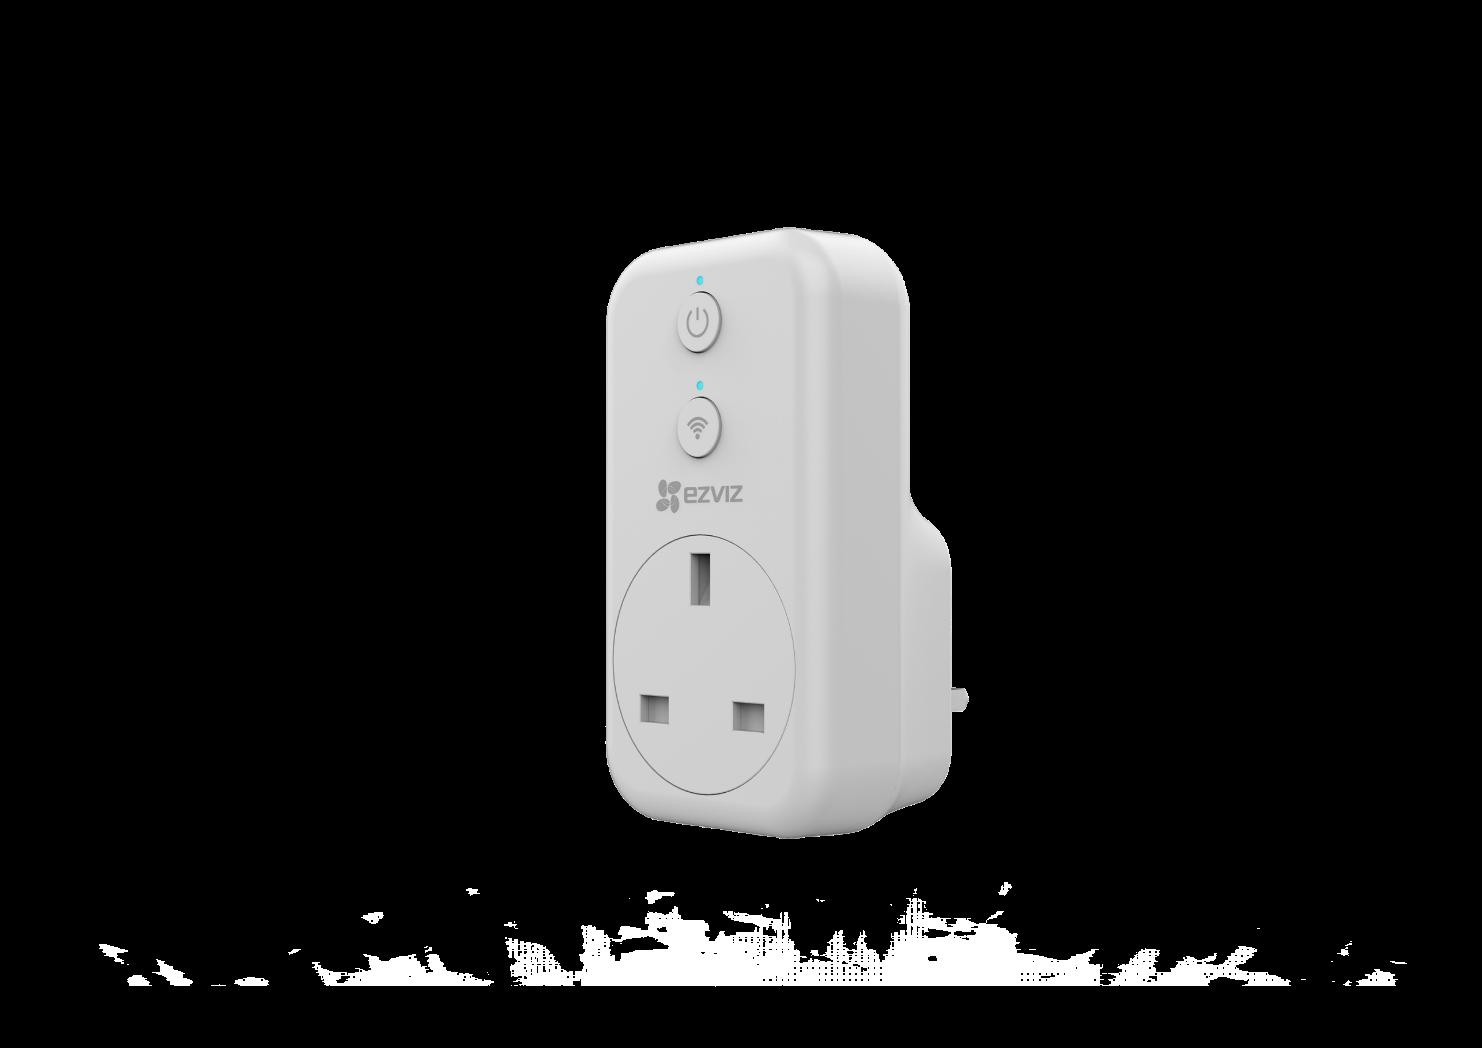 EZVIZ T31 Smart Plug | EZVIZ